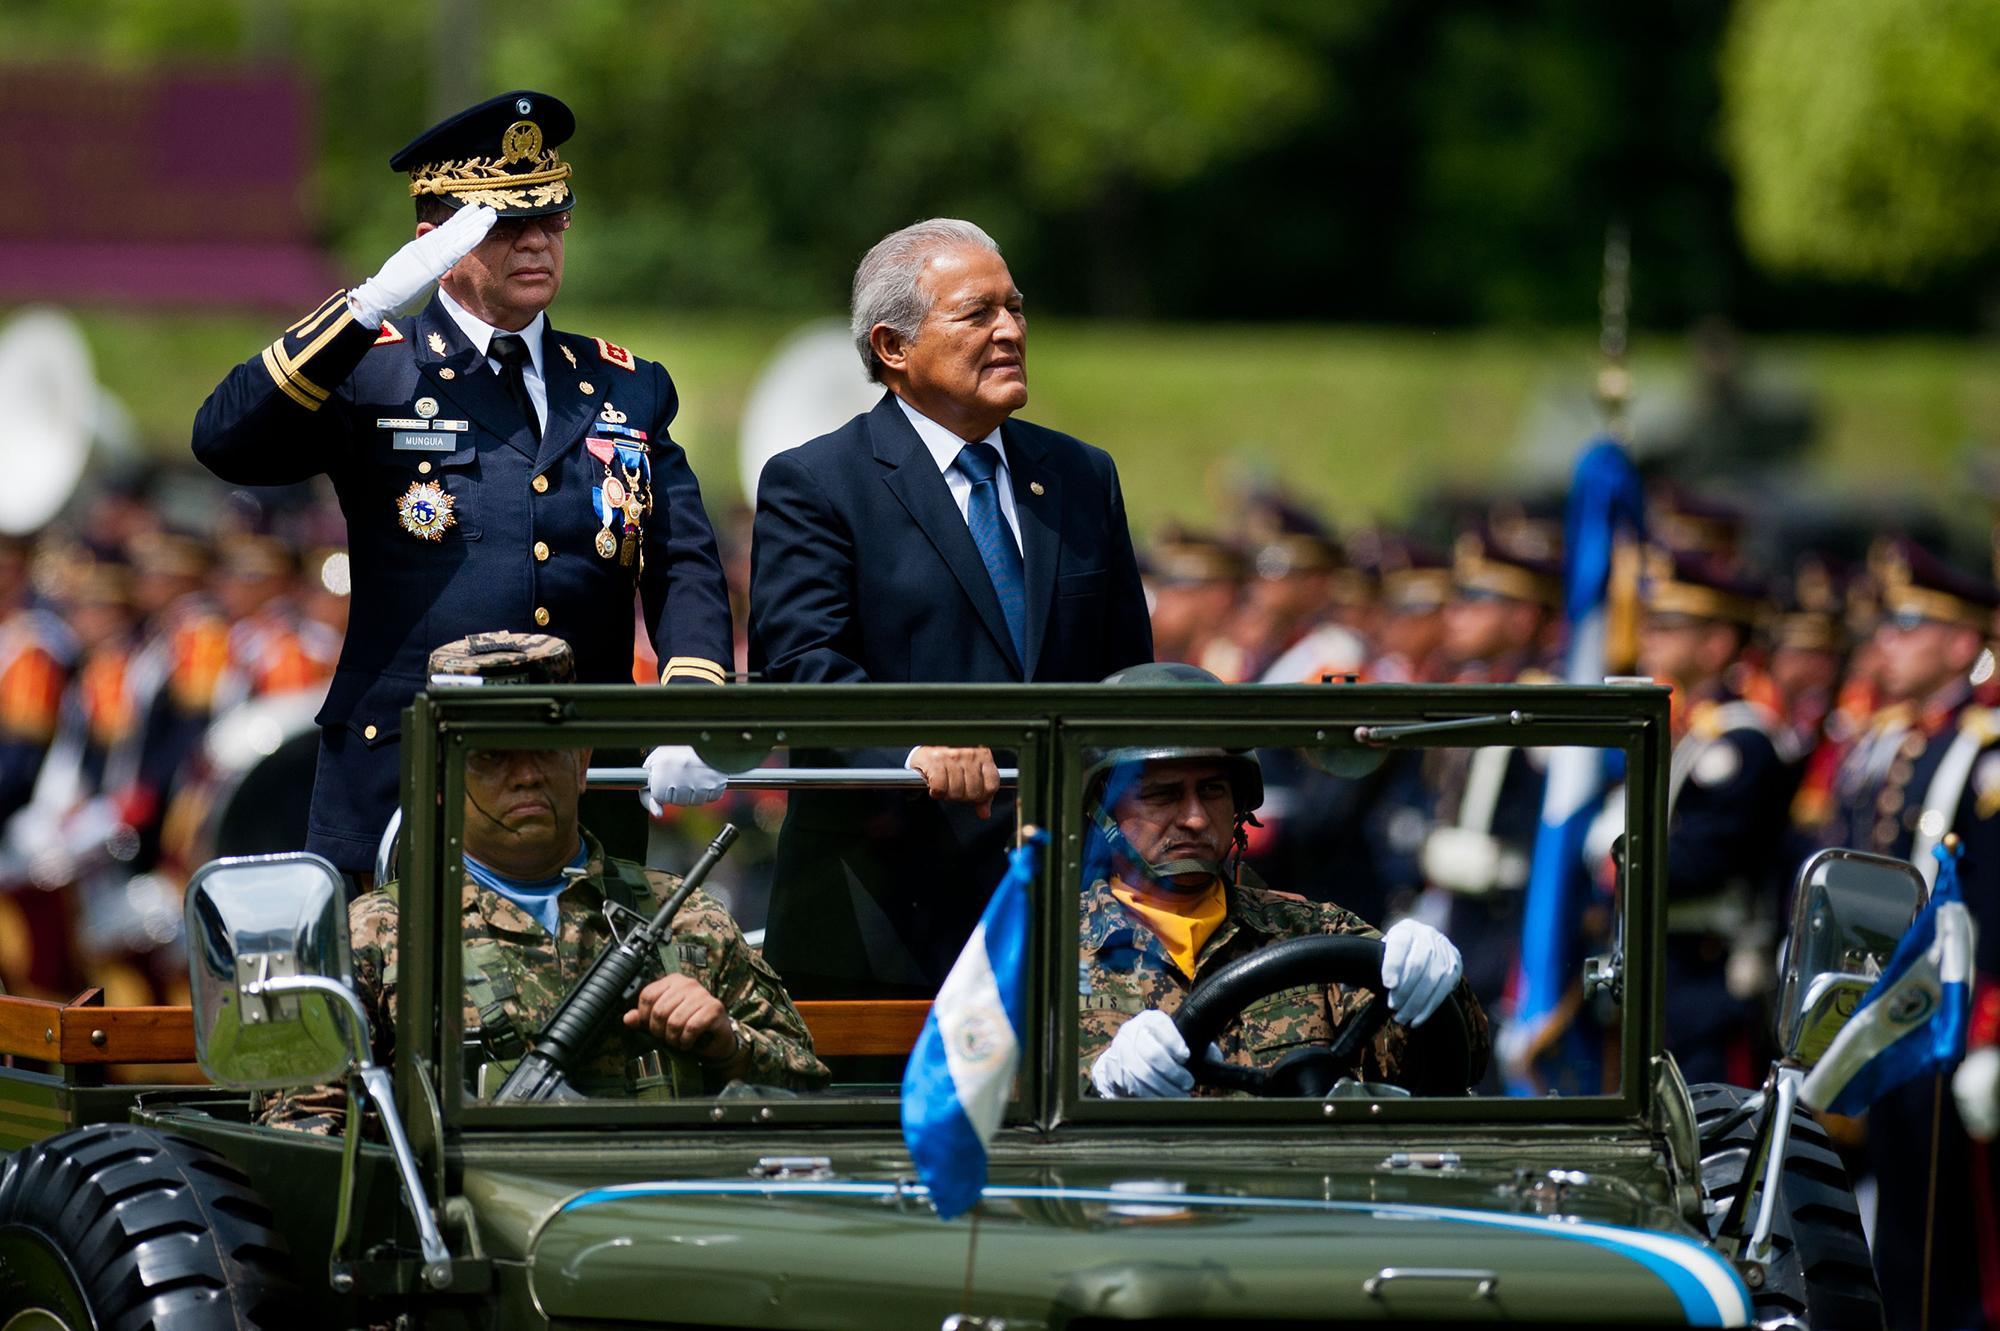 El presidente de El Salvador, Salvador Sánchez Cerén, y el ministro de Defensa, David Munguía Payés, en la ceremonia de revisión de tropas para para presentar al nuevo comandante general de las Fuerzas Armadas, el 5 de junio de 2014. Según los documentos de El Faro, ambos recibían un sobresueldo de $10,000 durante el primer gobierno del FMLN. Foto de AFP: José Cabezas.